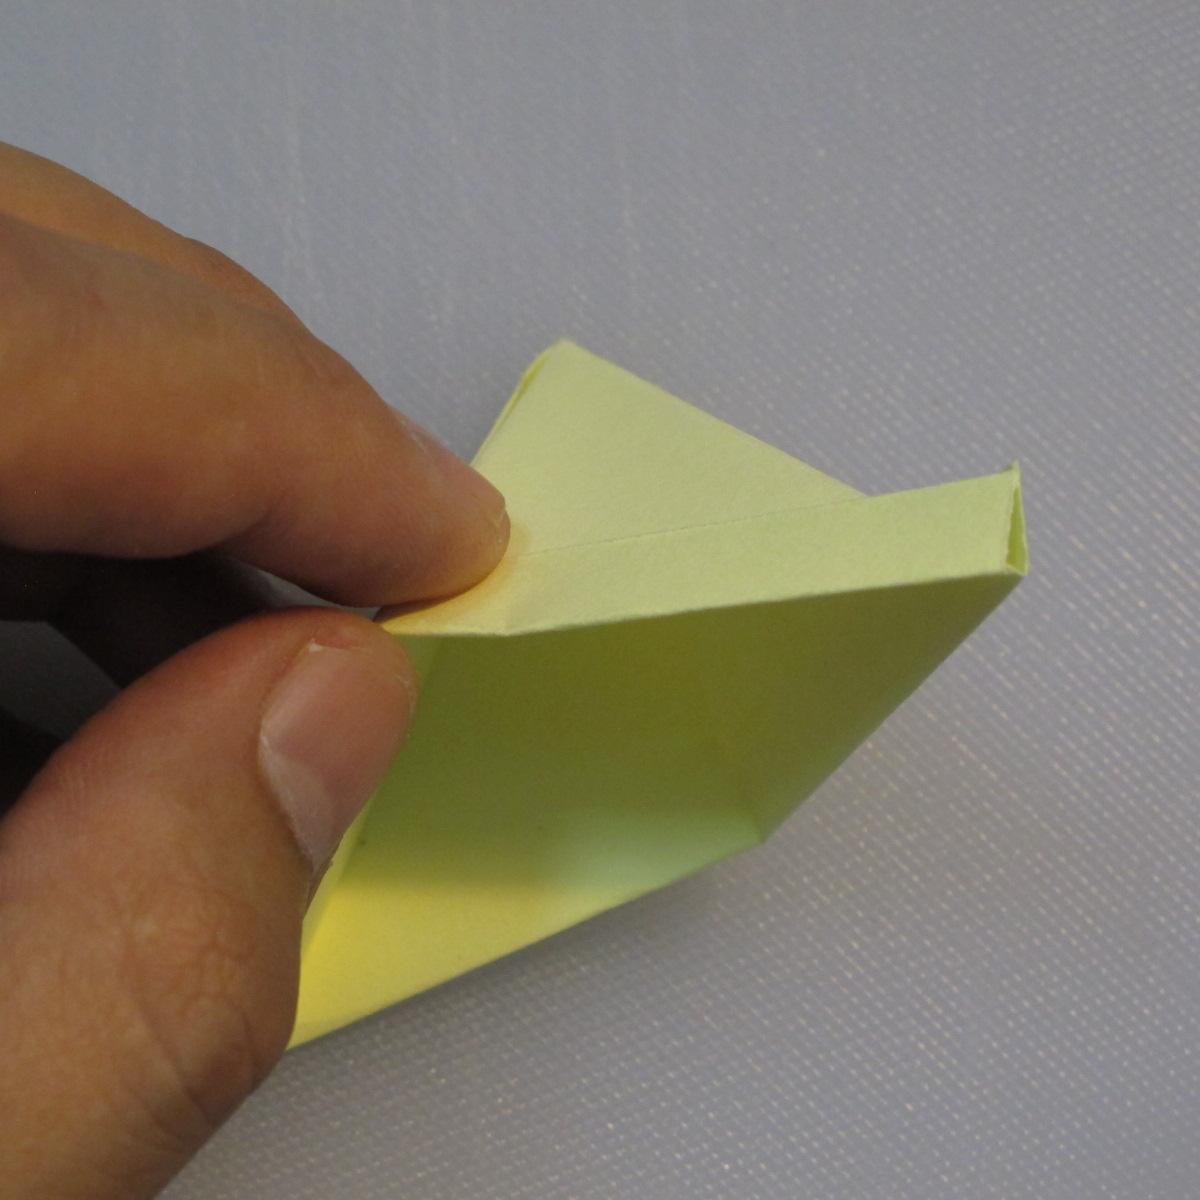 การพับกระดาษเป็นรูปเรือใบ (Origami Boat – 船の折り紙) 005